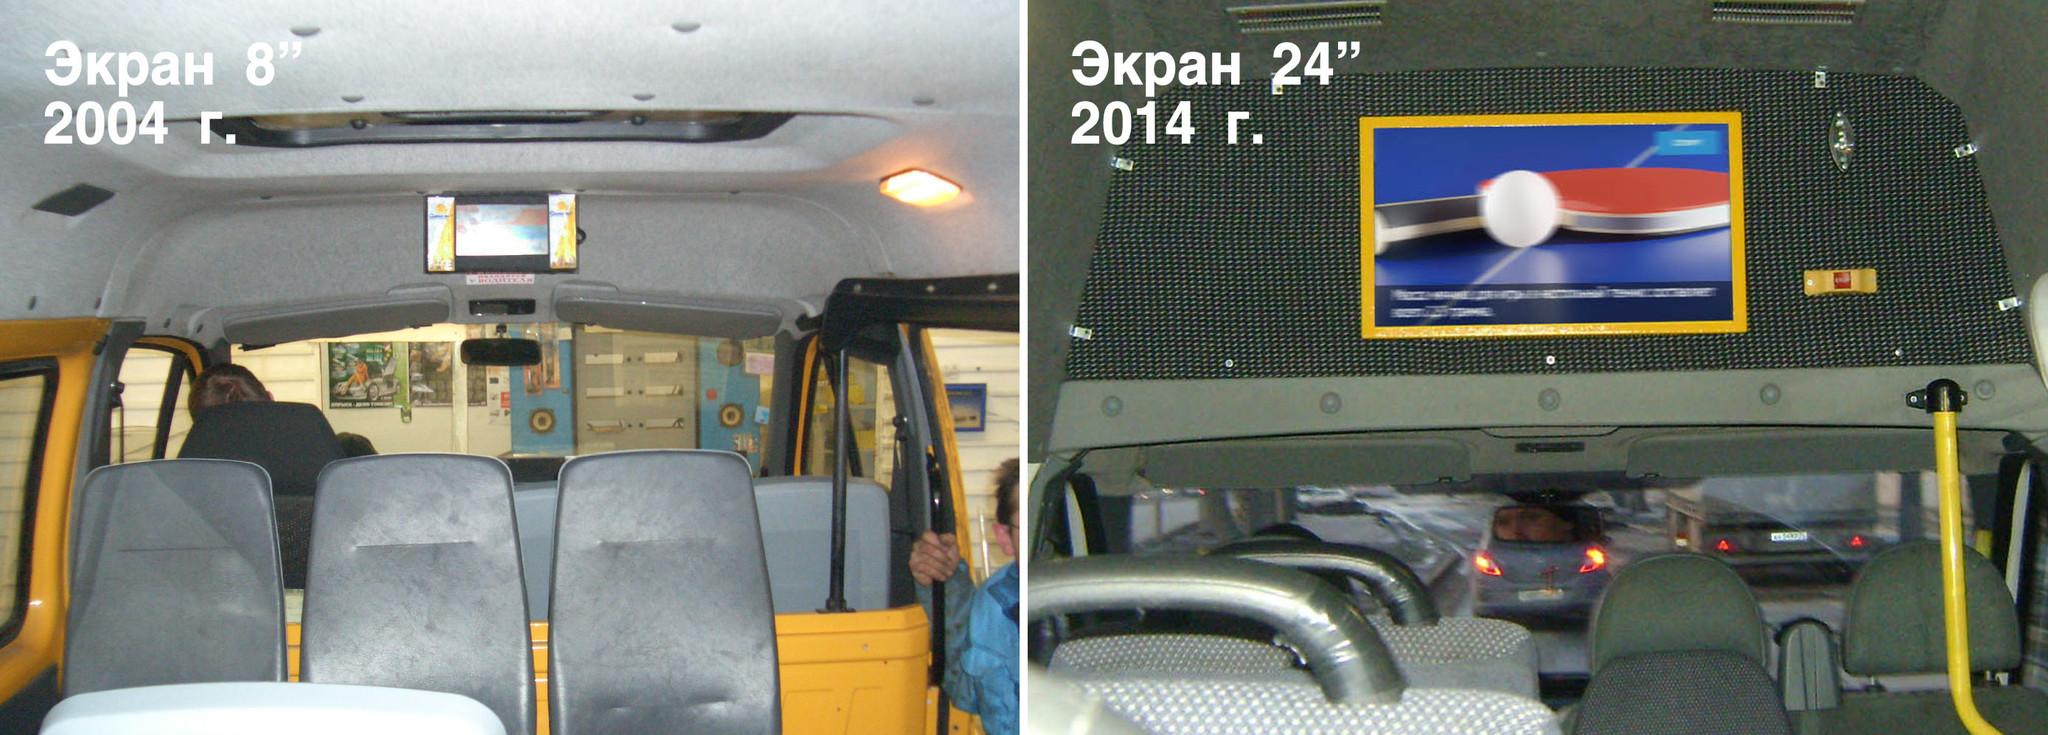 рекламные мониторы в транспорте